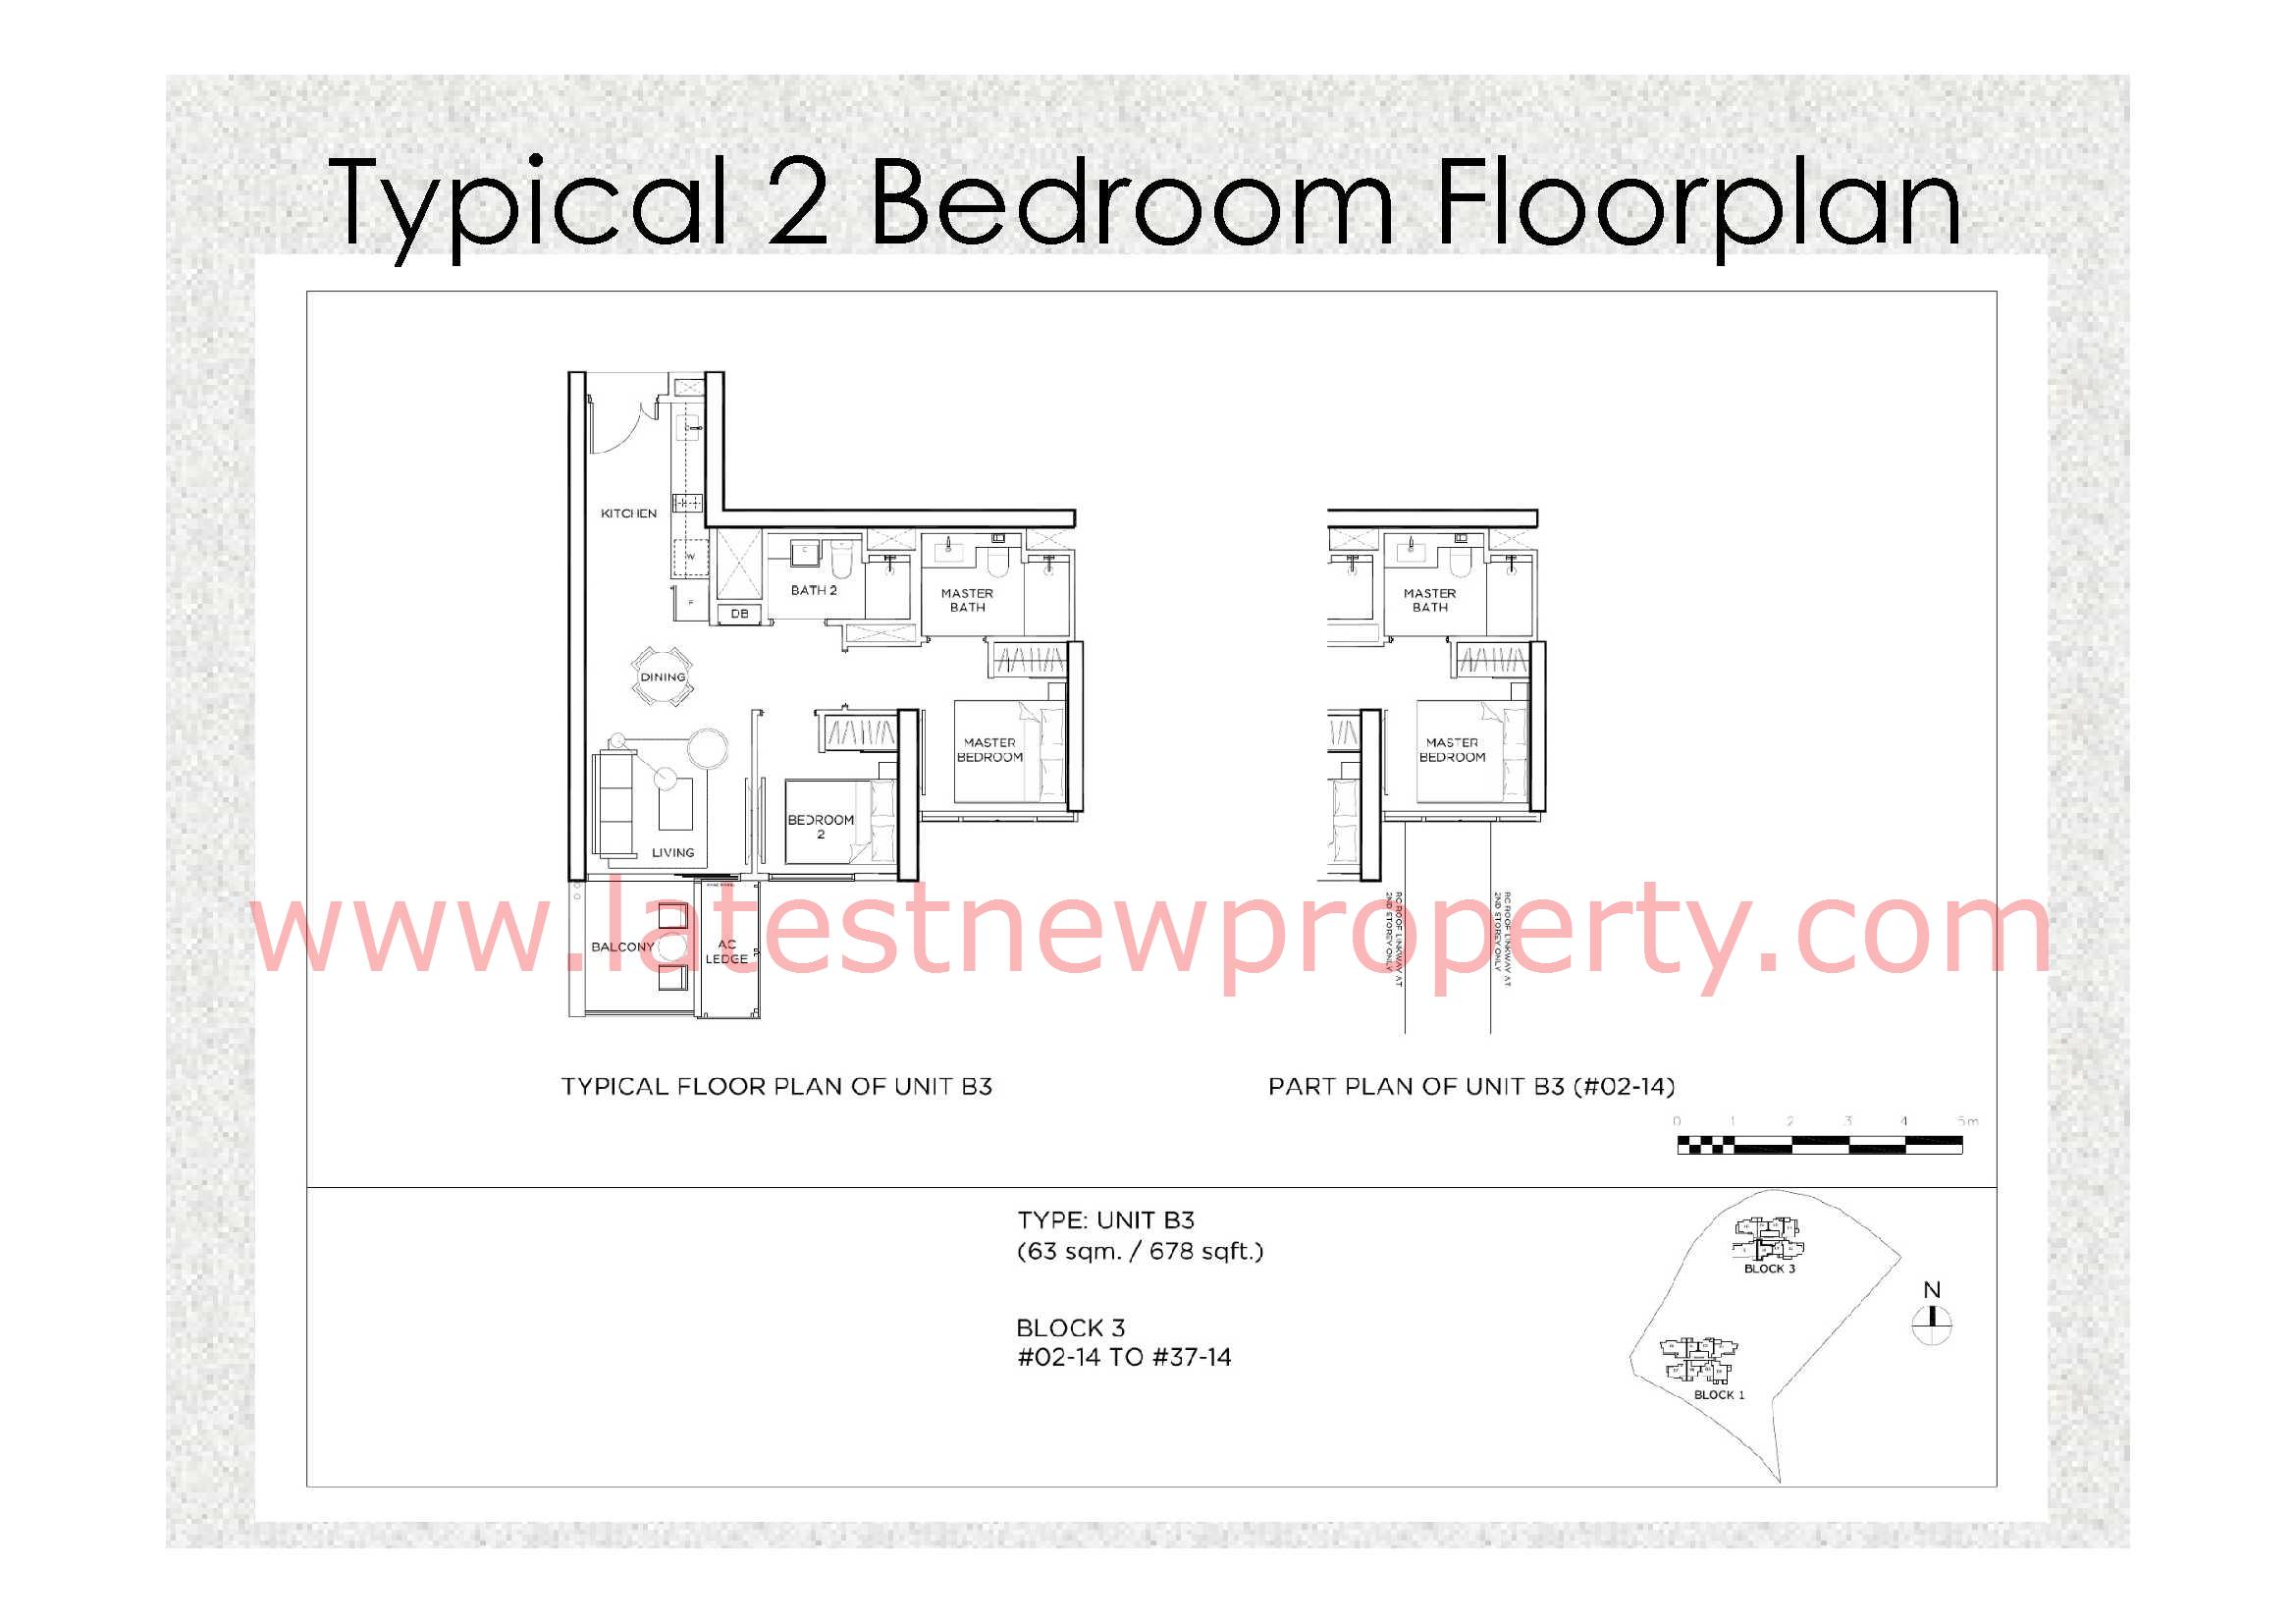 Gem Residences Floorplan Typical 2 Bdrm